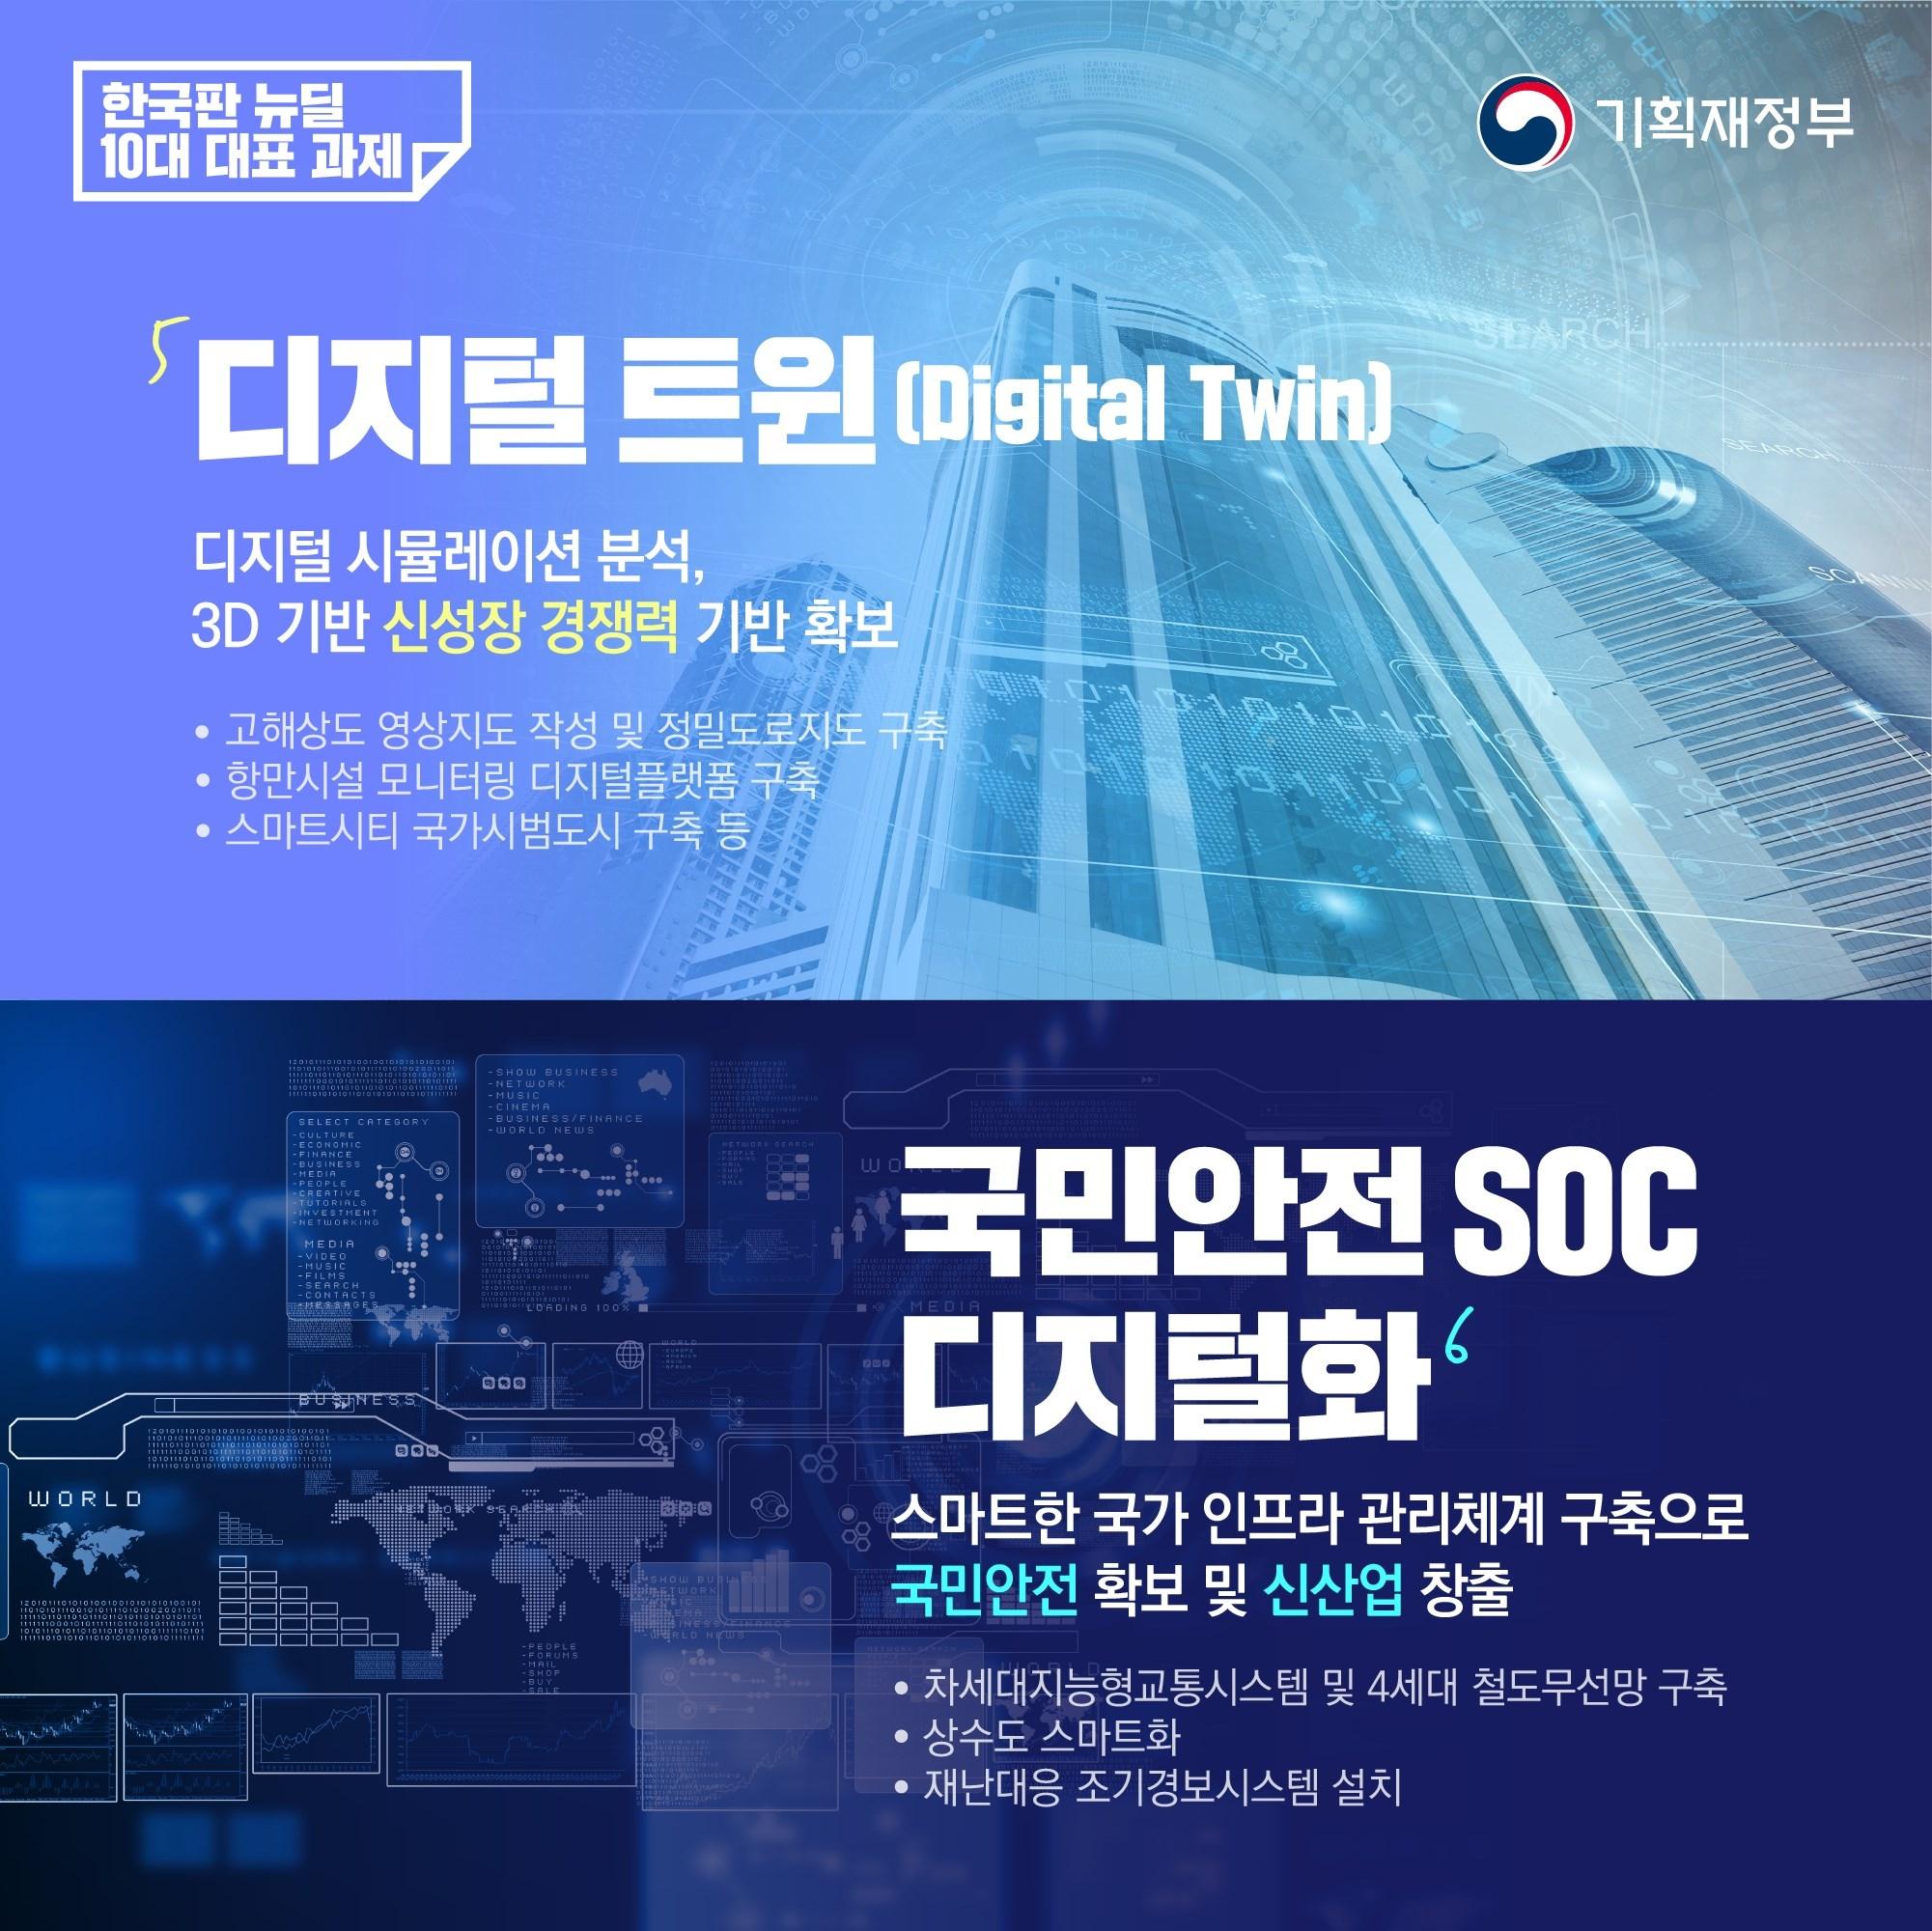 5.디지털 트윈(Digital Twin), 6.국민안전 SOC 디지털화 하단 내용 참조